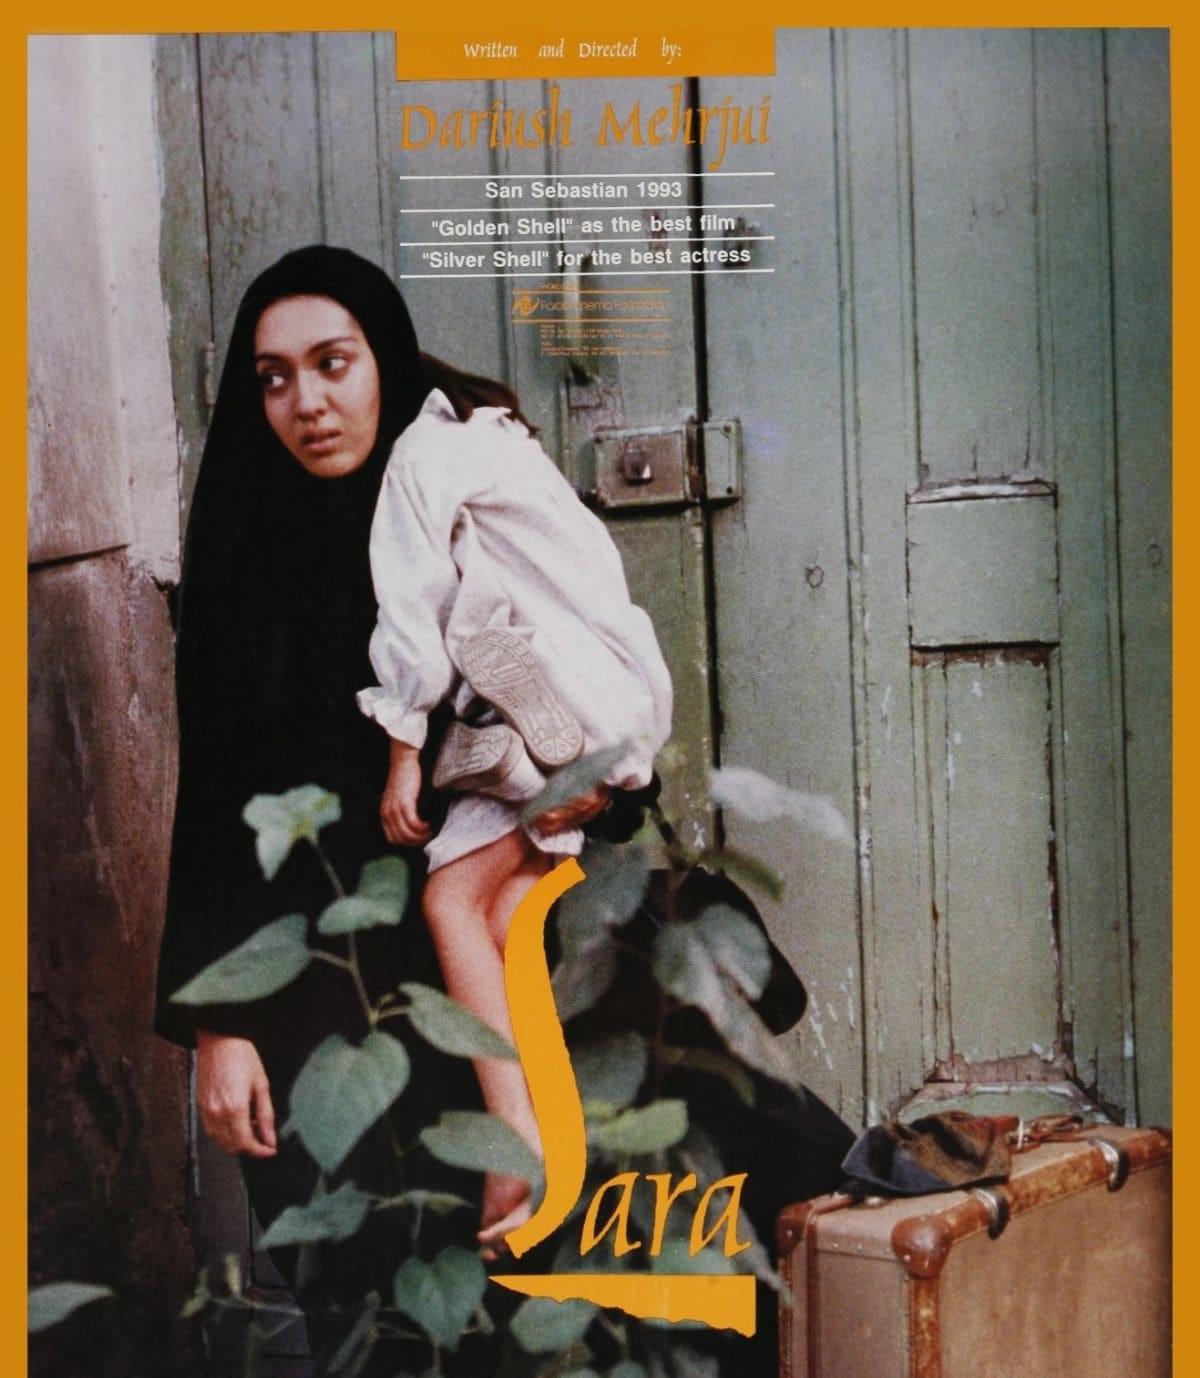 بهترین فیلم های اقتباسی سینمای ایران- سارا